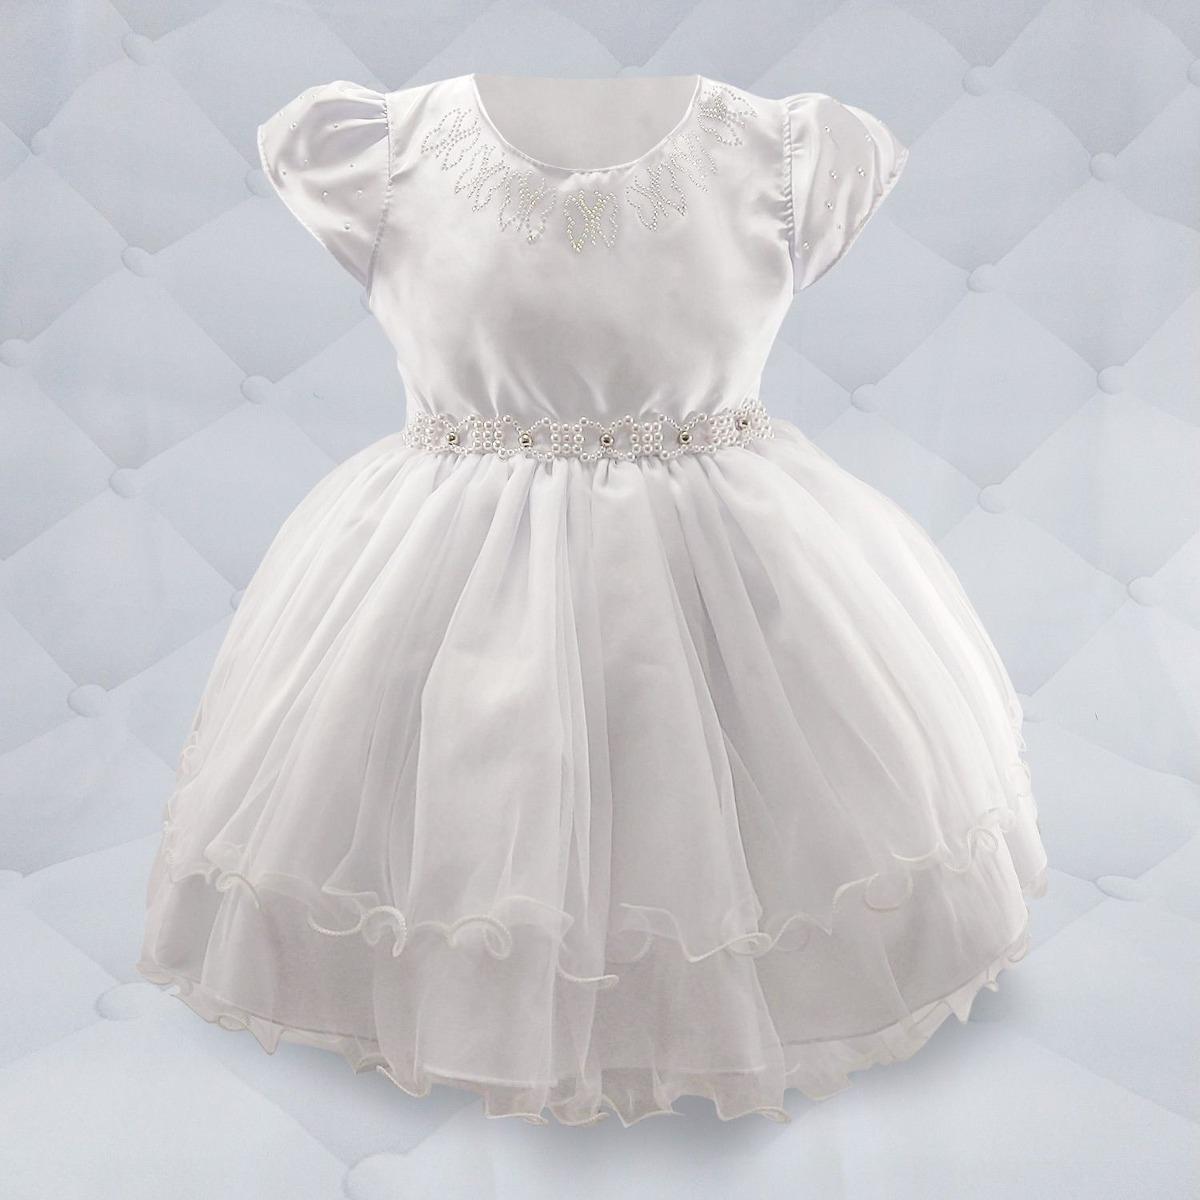 d7567ee6da vestido branco com cinto de pérola e frente de strass. Carregando zoom.